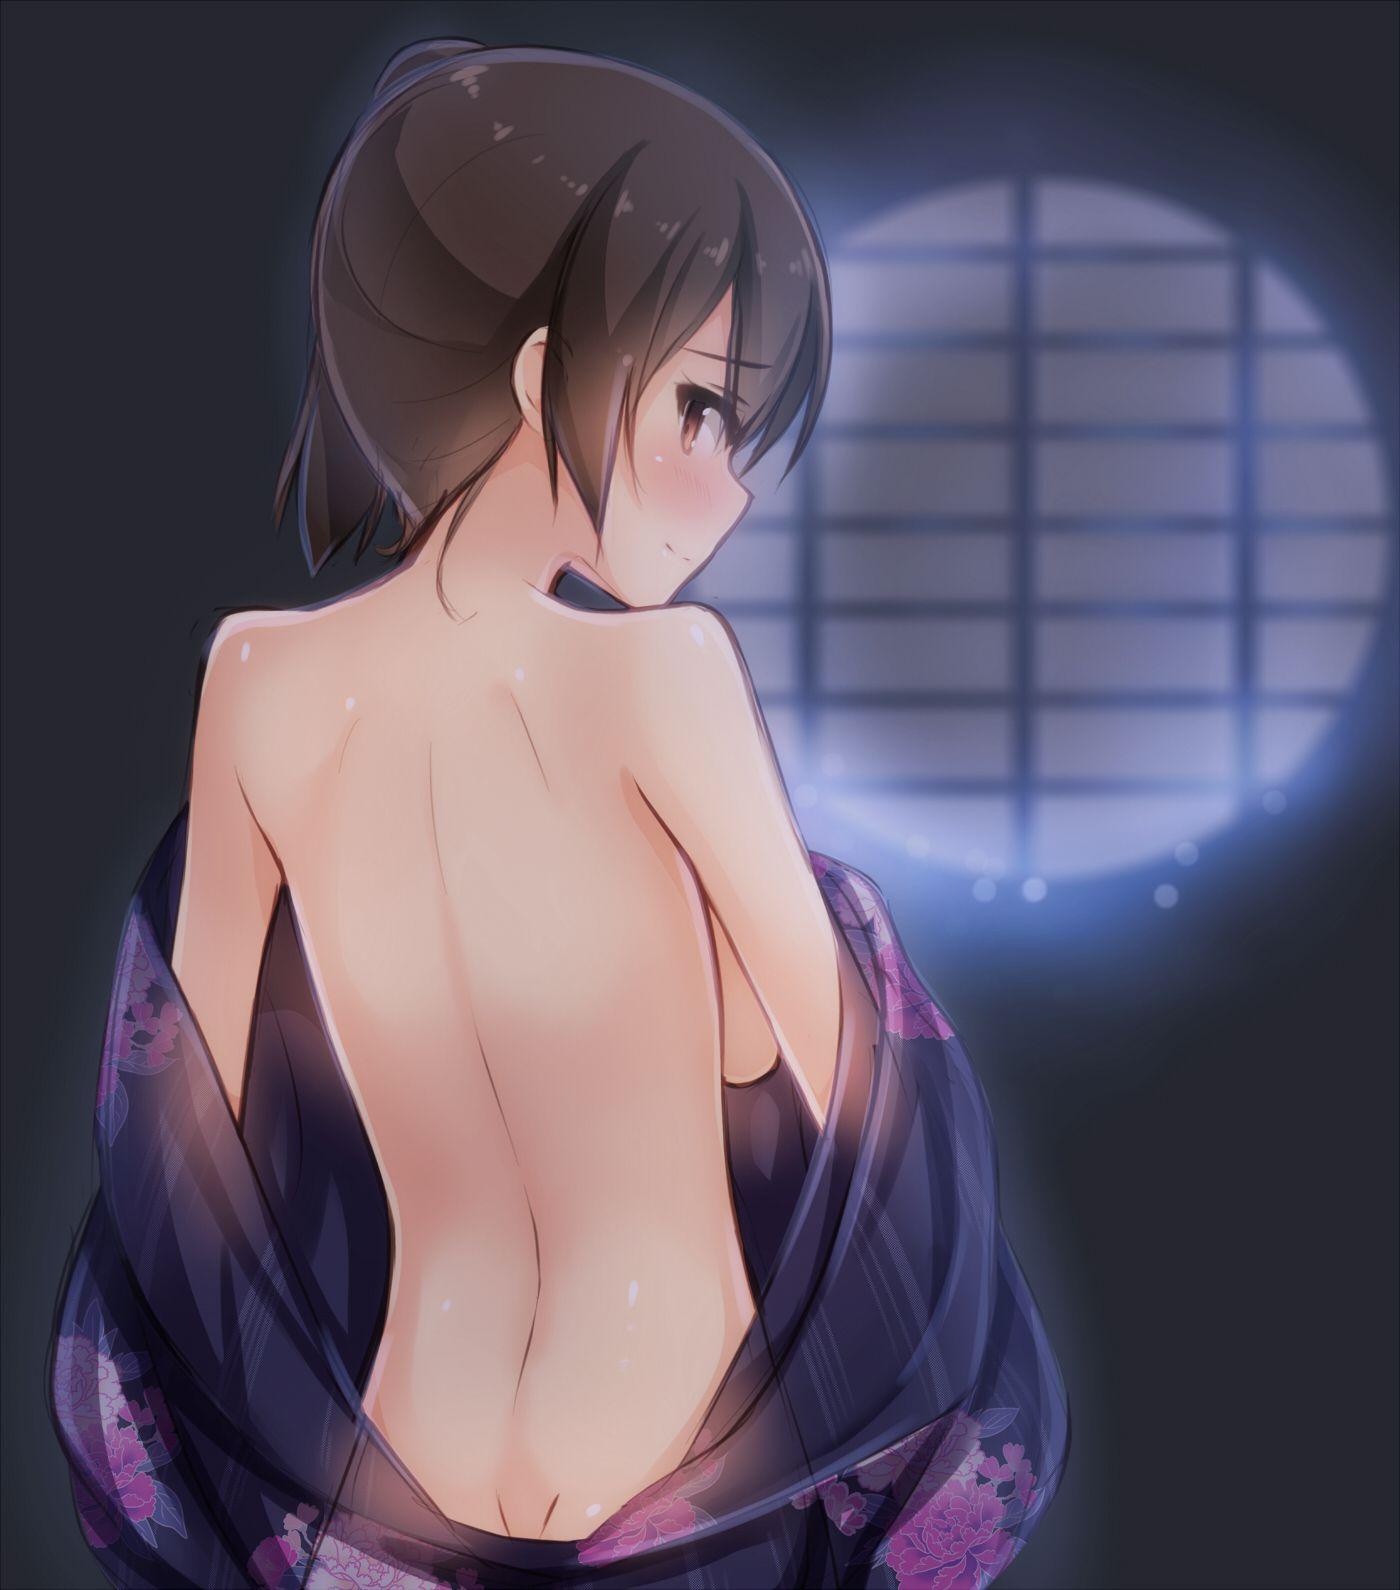 kaga_(kantai_collection)094